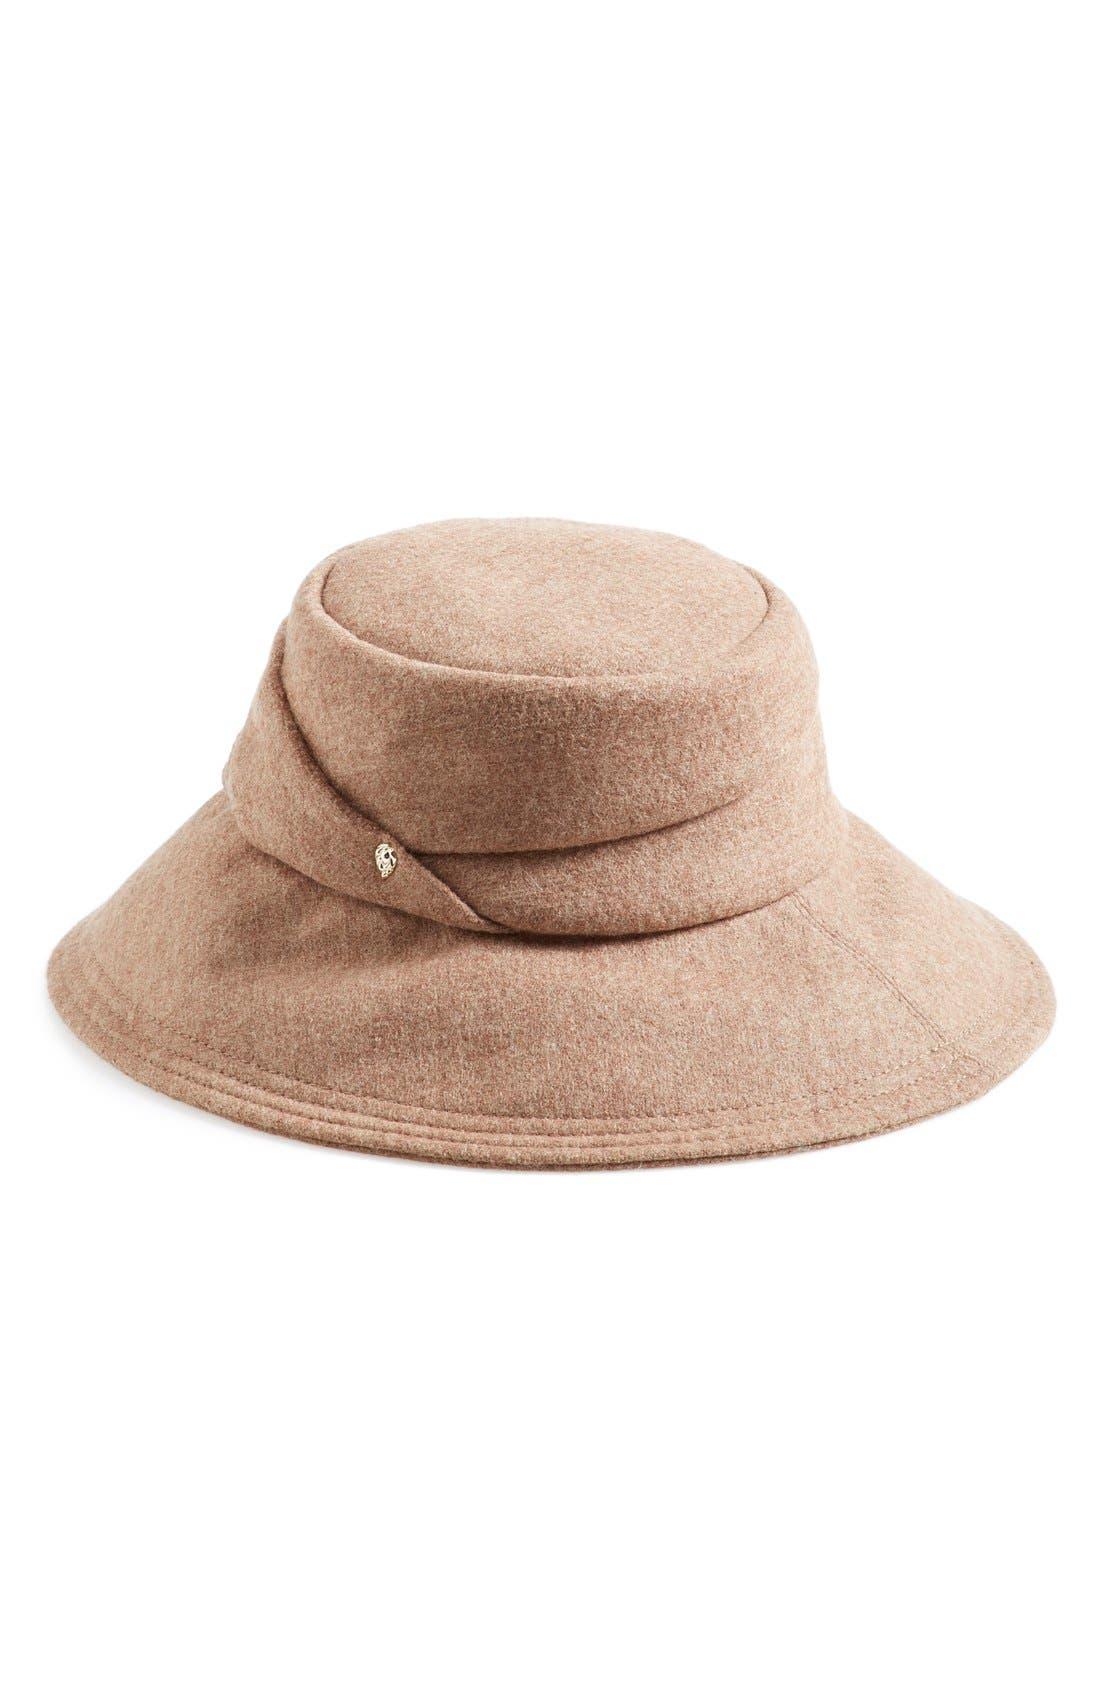 Main Image - Helen Kaminski 'Lana Dolce' Bucket Hat